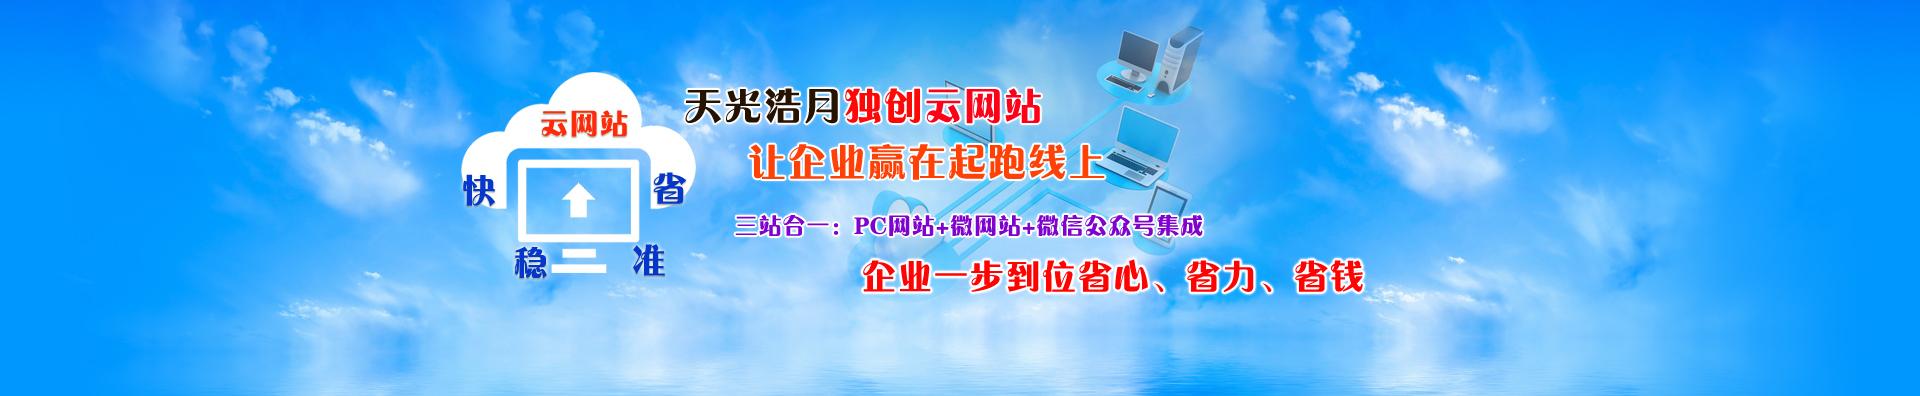 天光浩月云网站